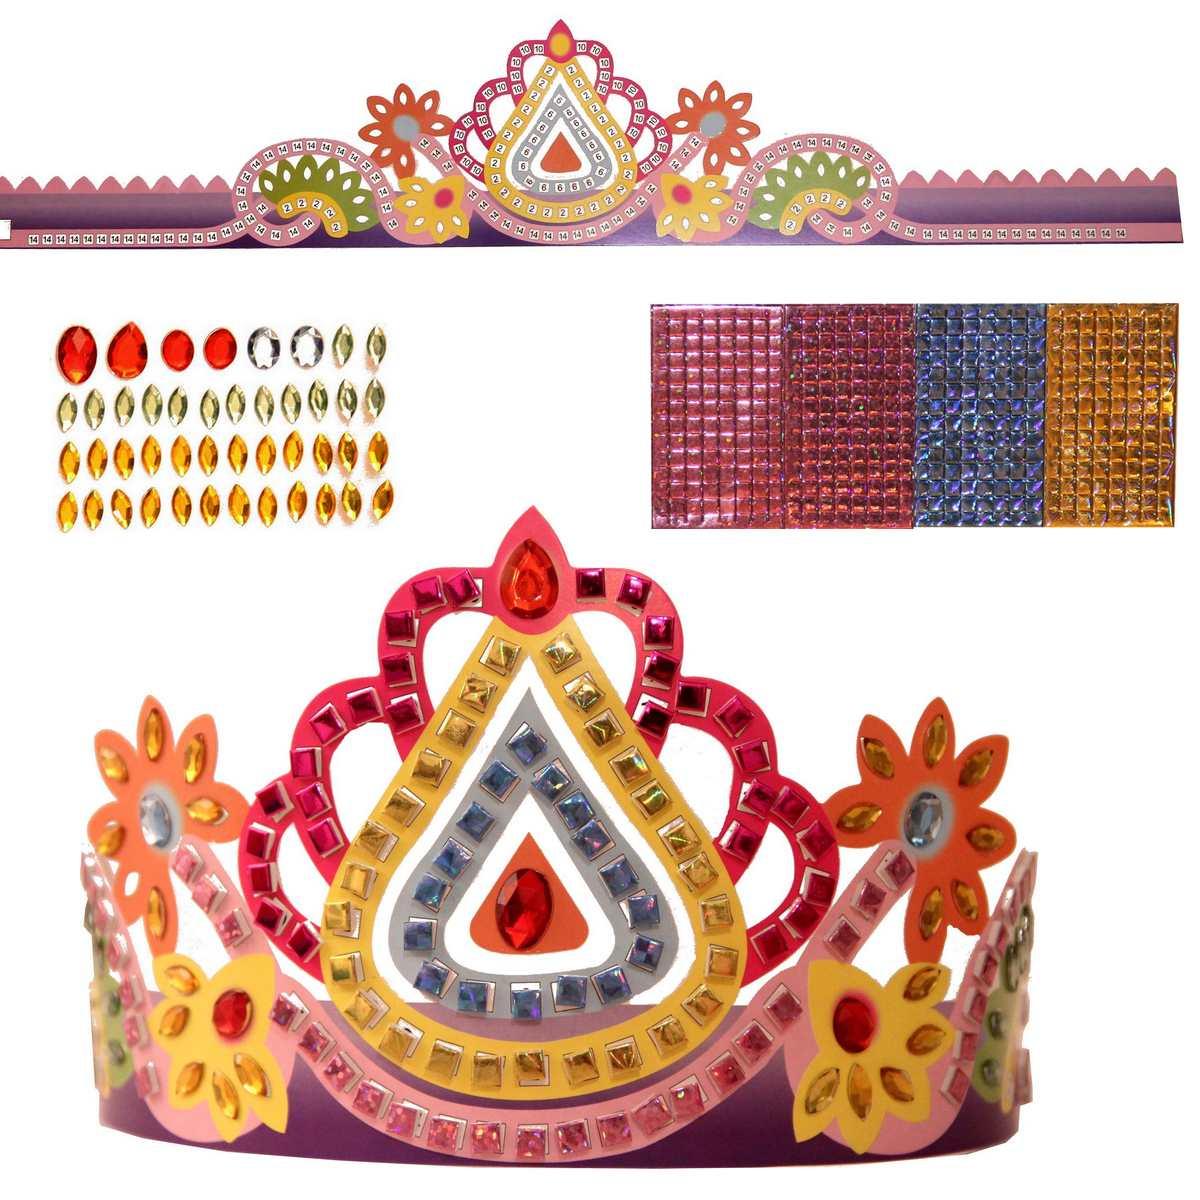 Concours gagne une couronne des rois en mosaique - Plaque mosaique autocollante ...